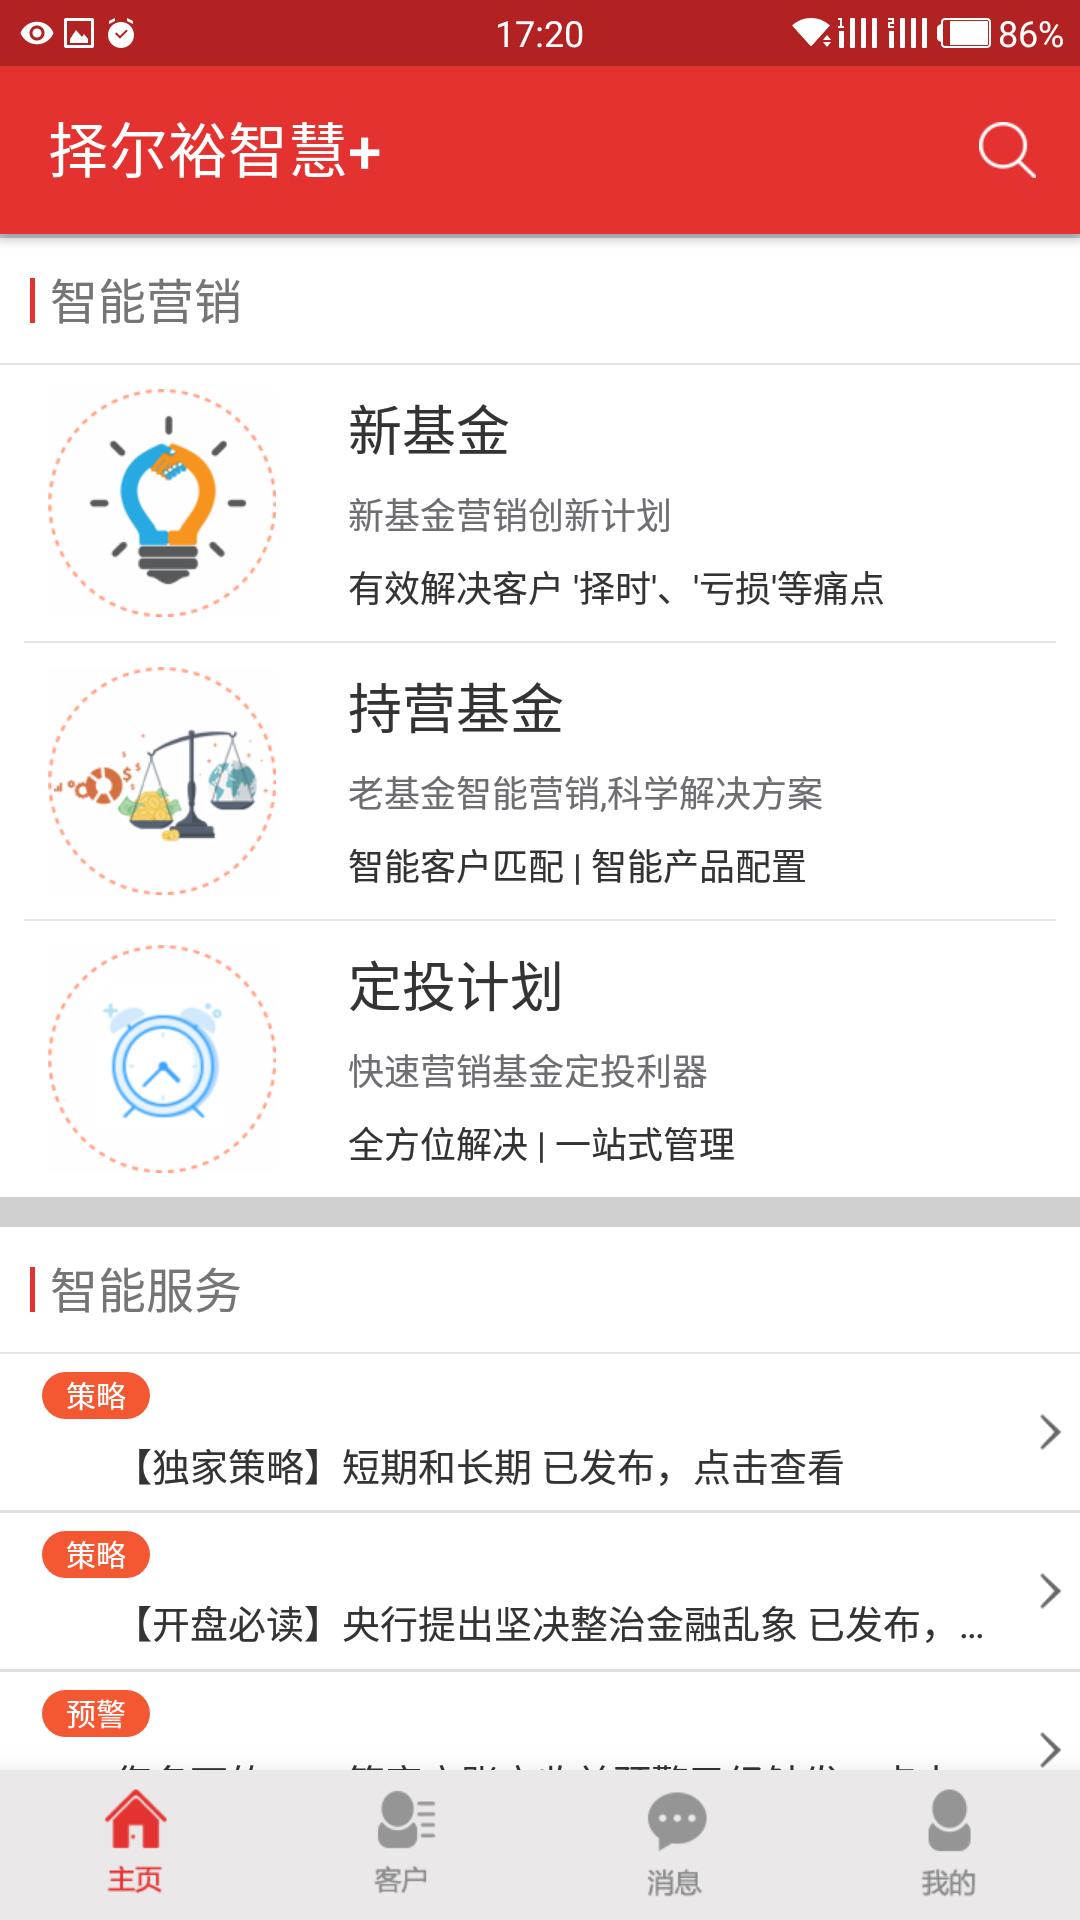 择尔裕智慧安卓版 V3.0.35